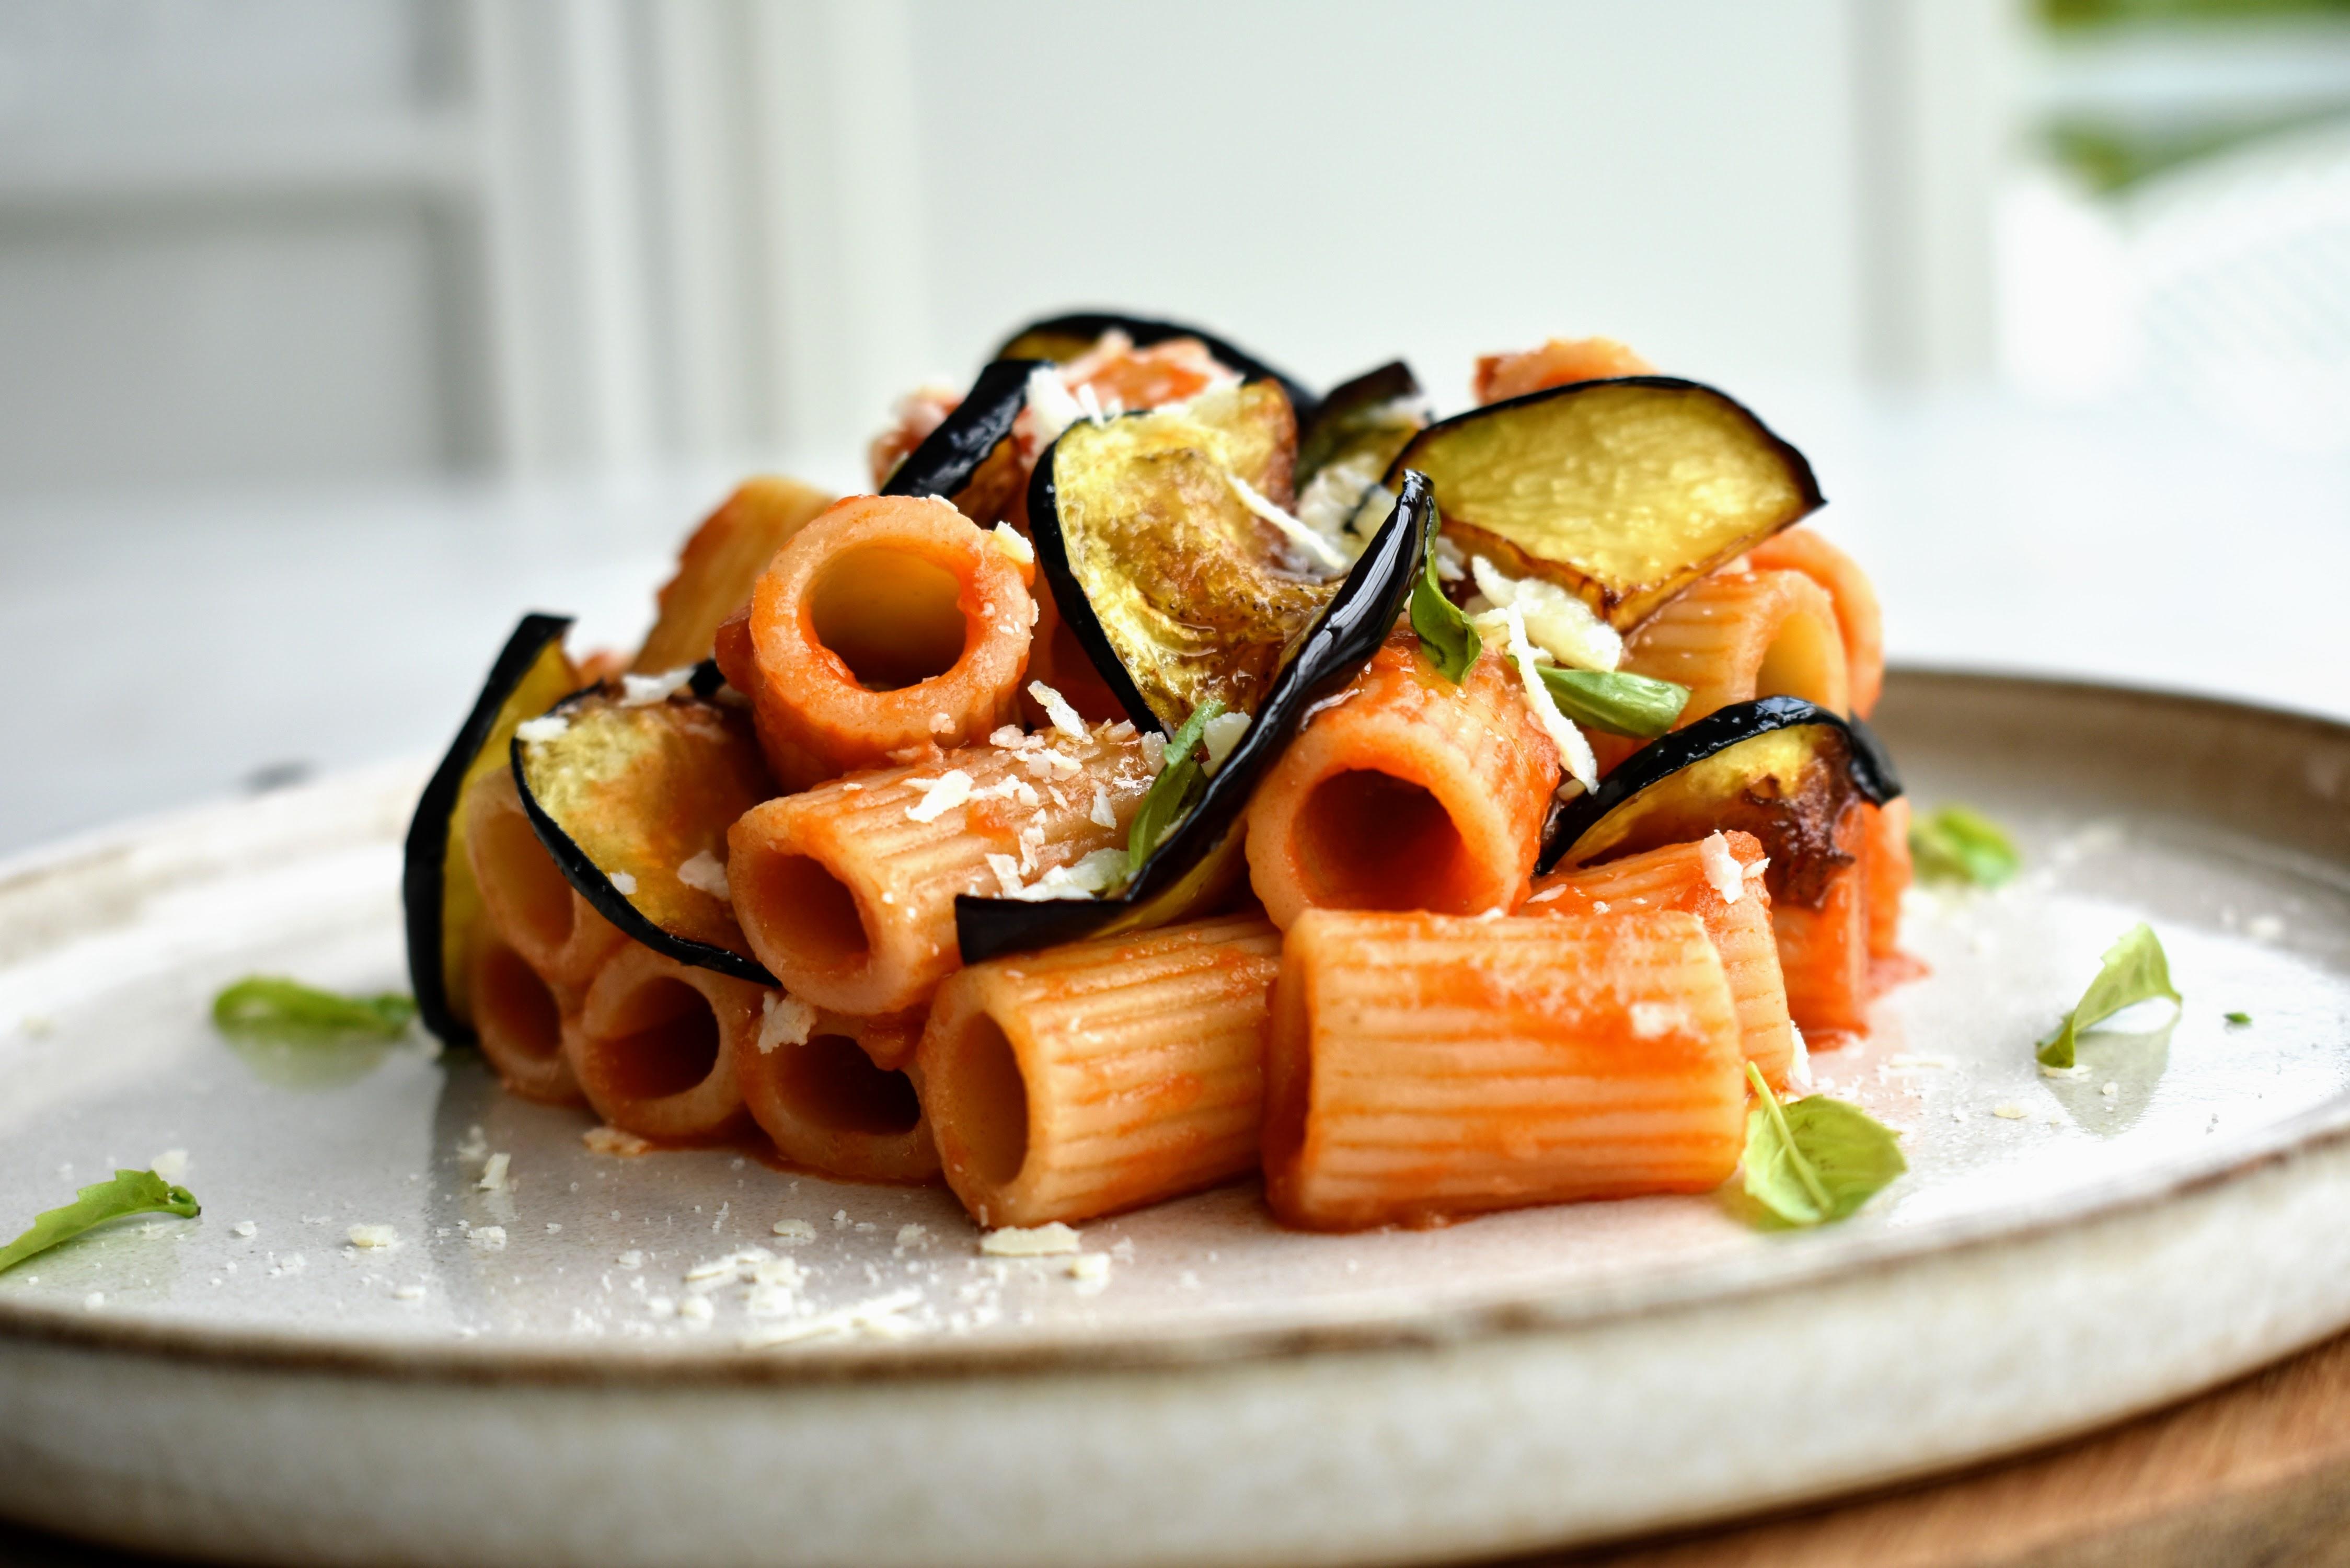 Pasta alla Norma from Sicily